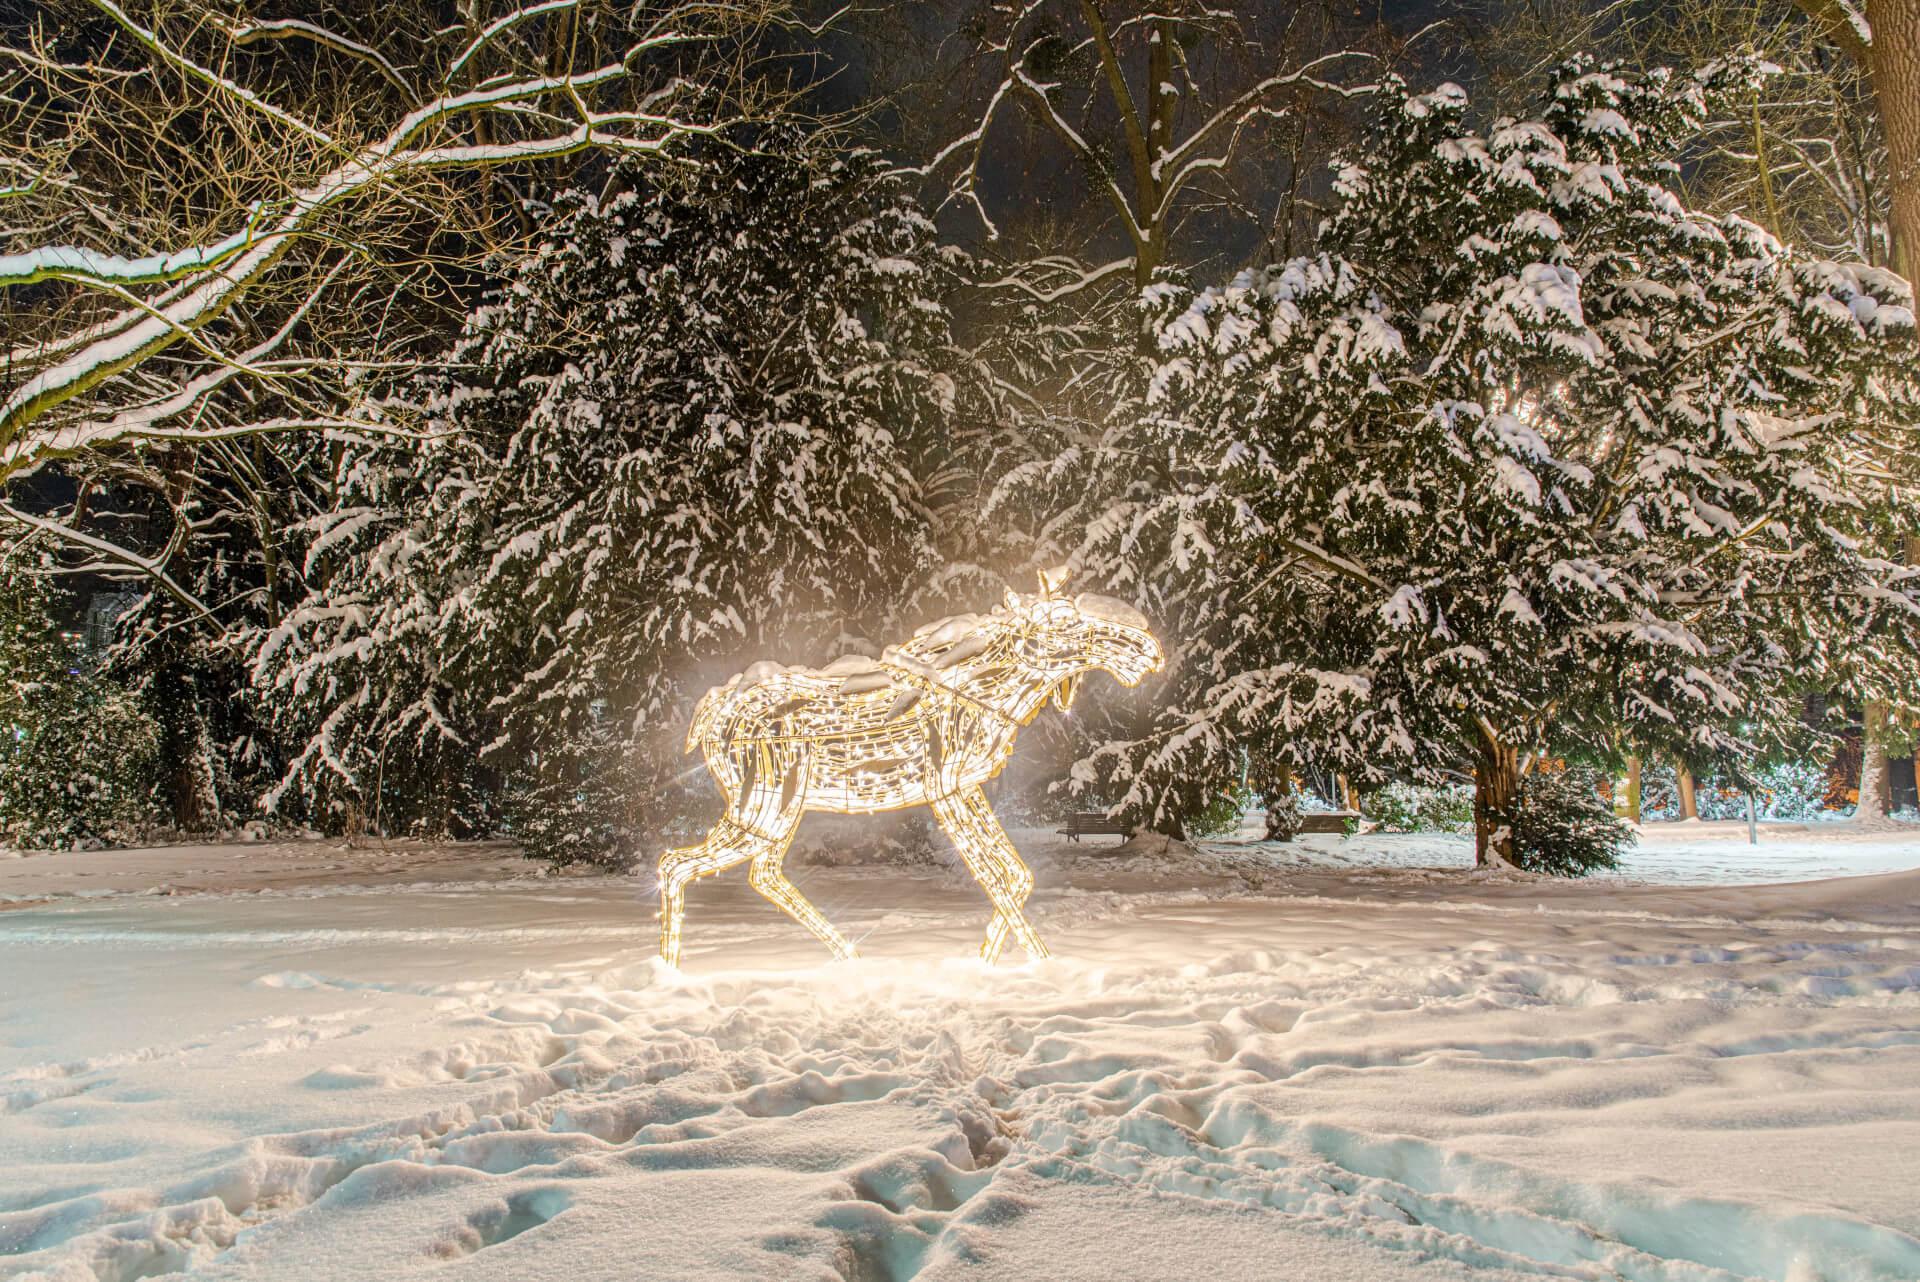 Lichterzauber im Schnee, Elch